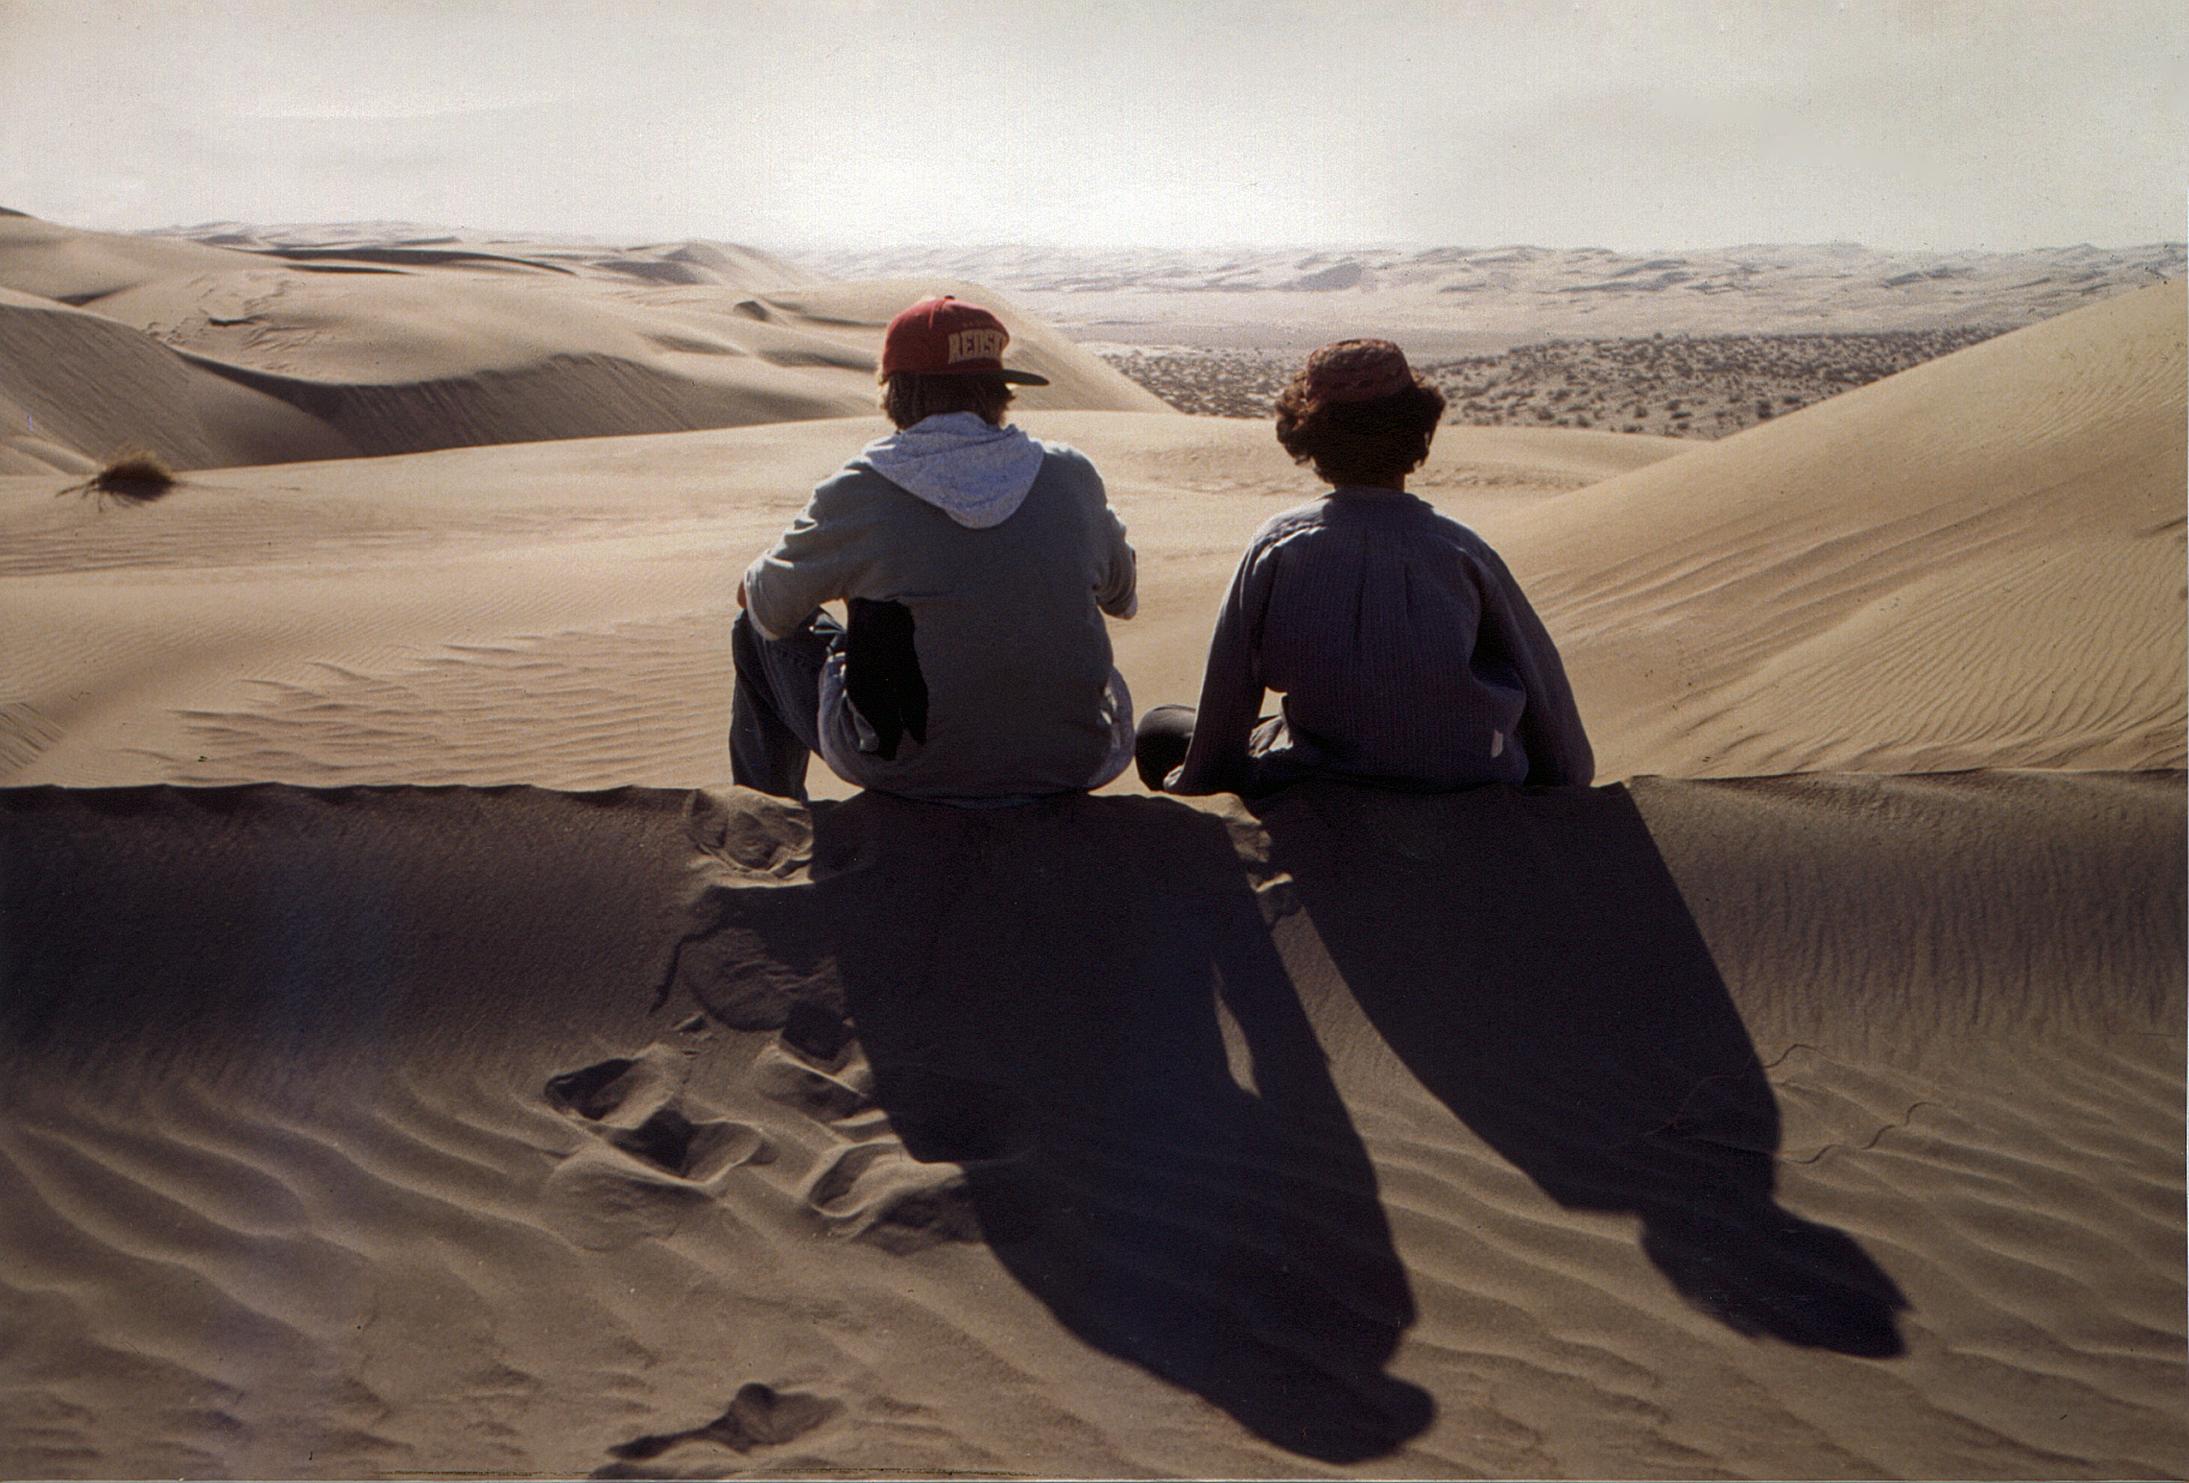 Filme In Der Wüste